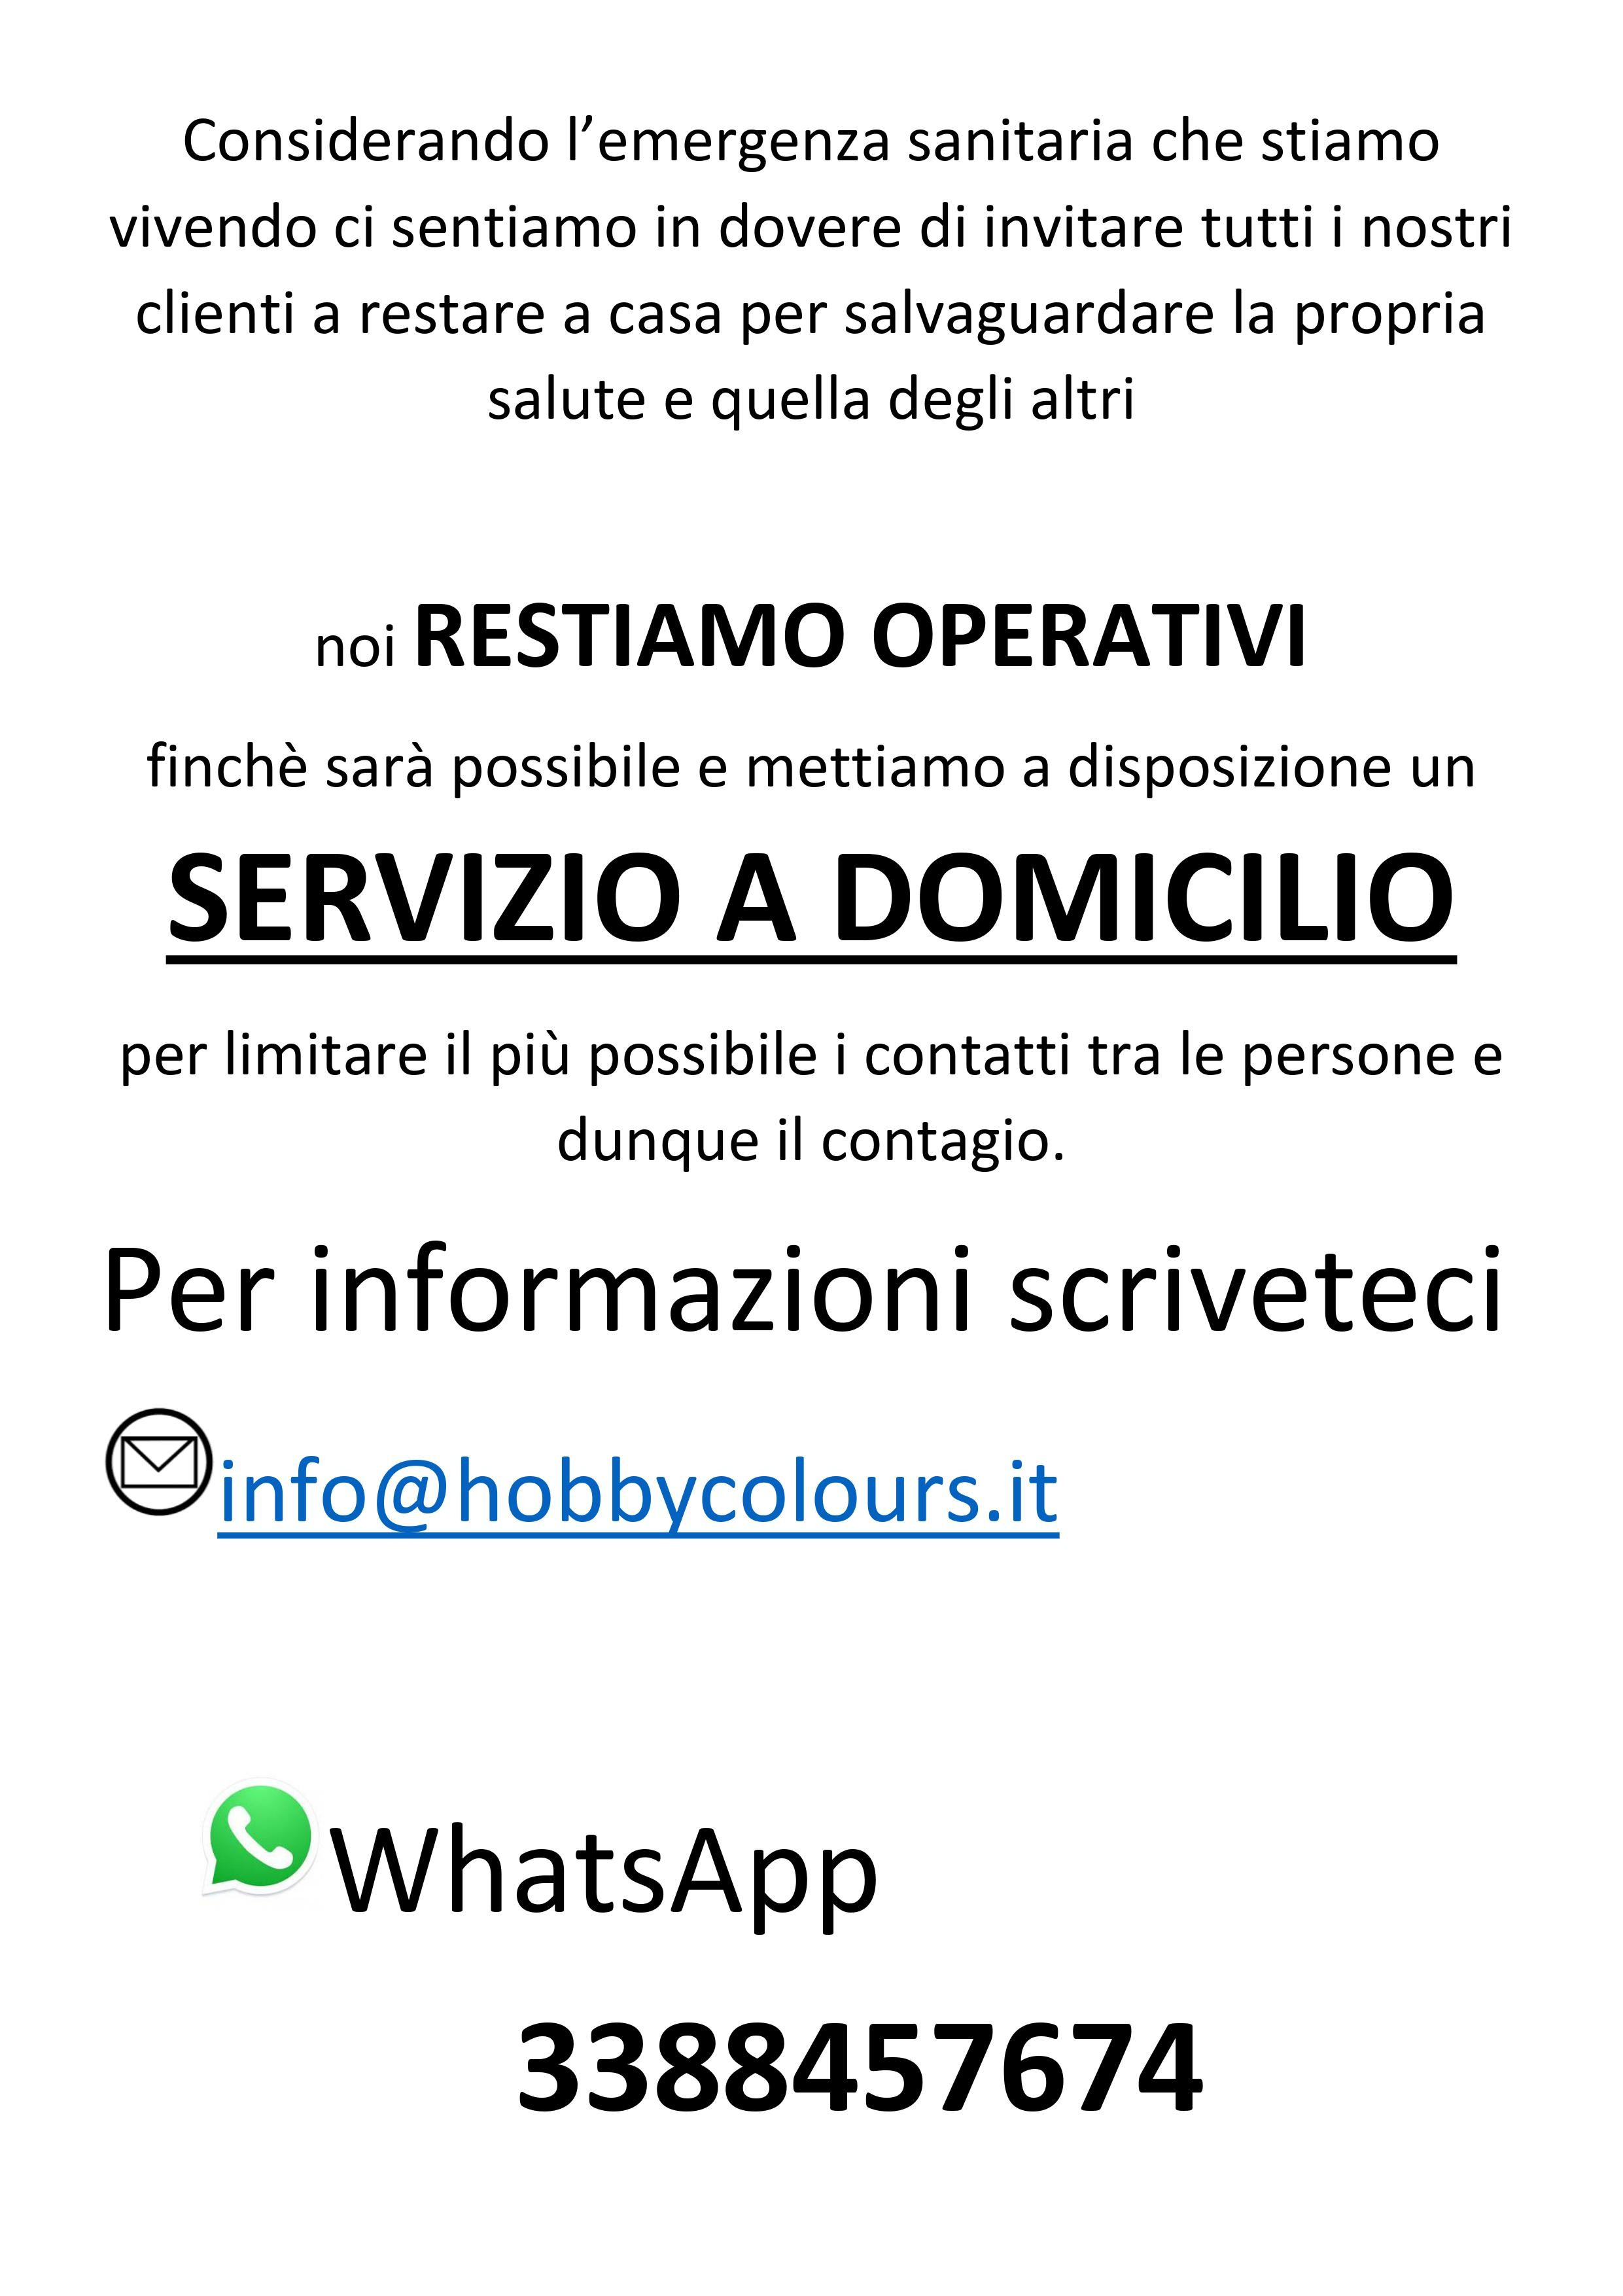 #HOBBYCOLOURSMILANO